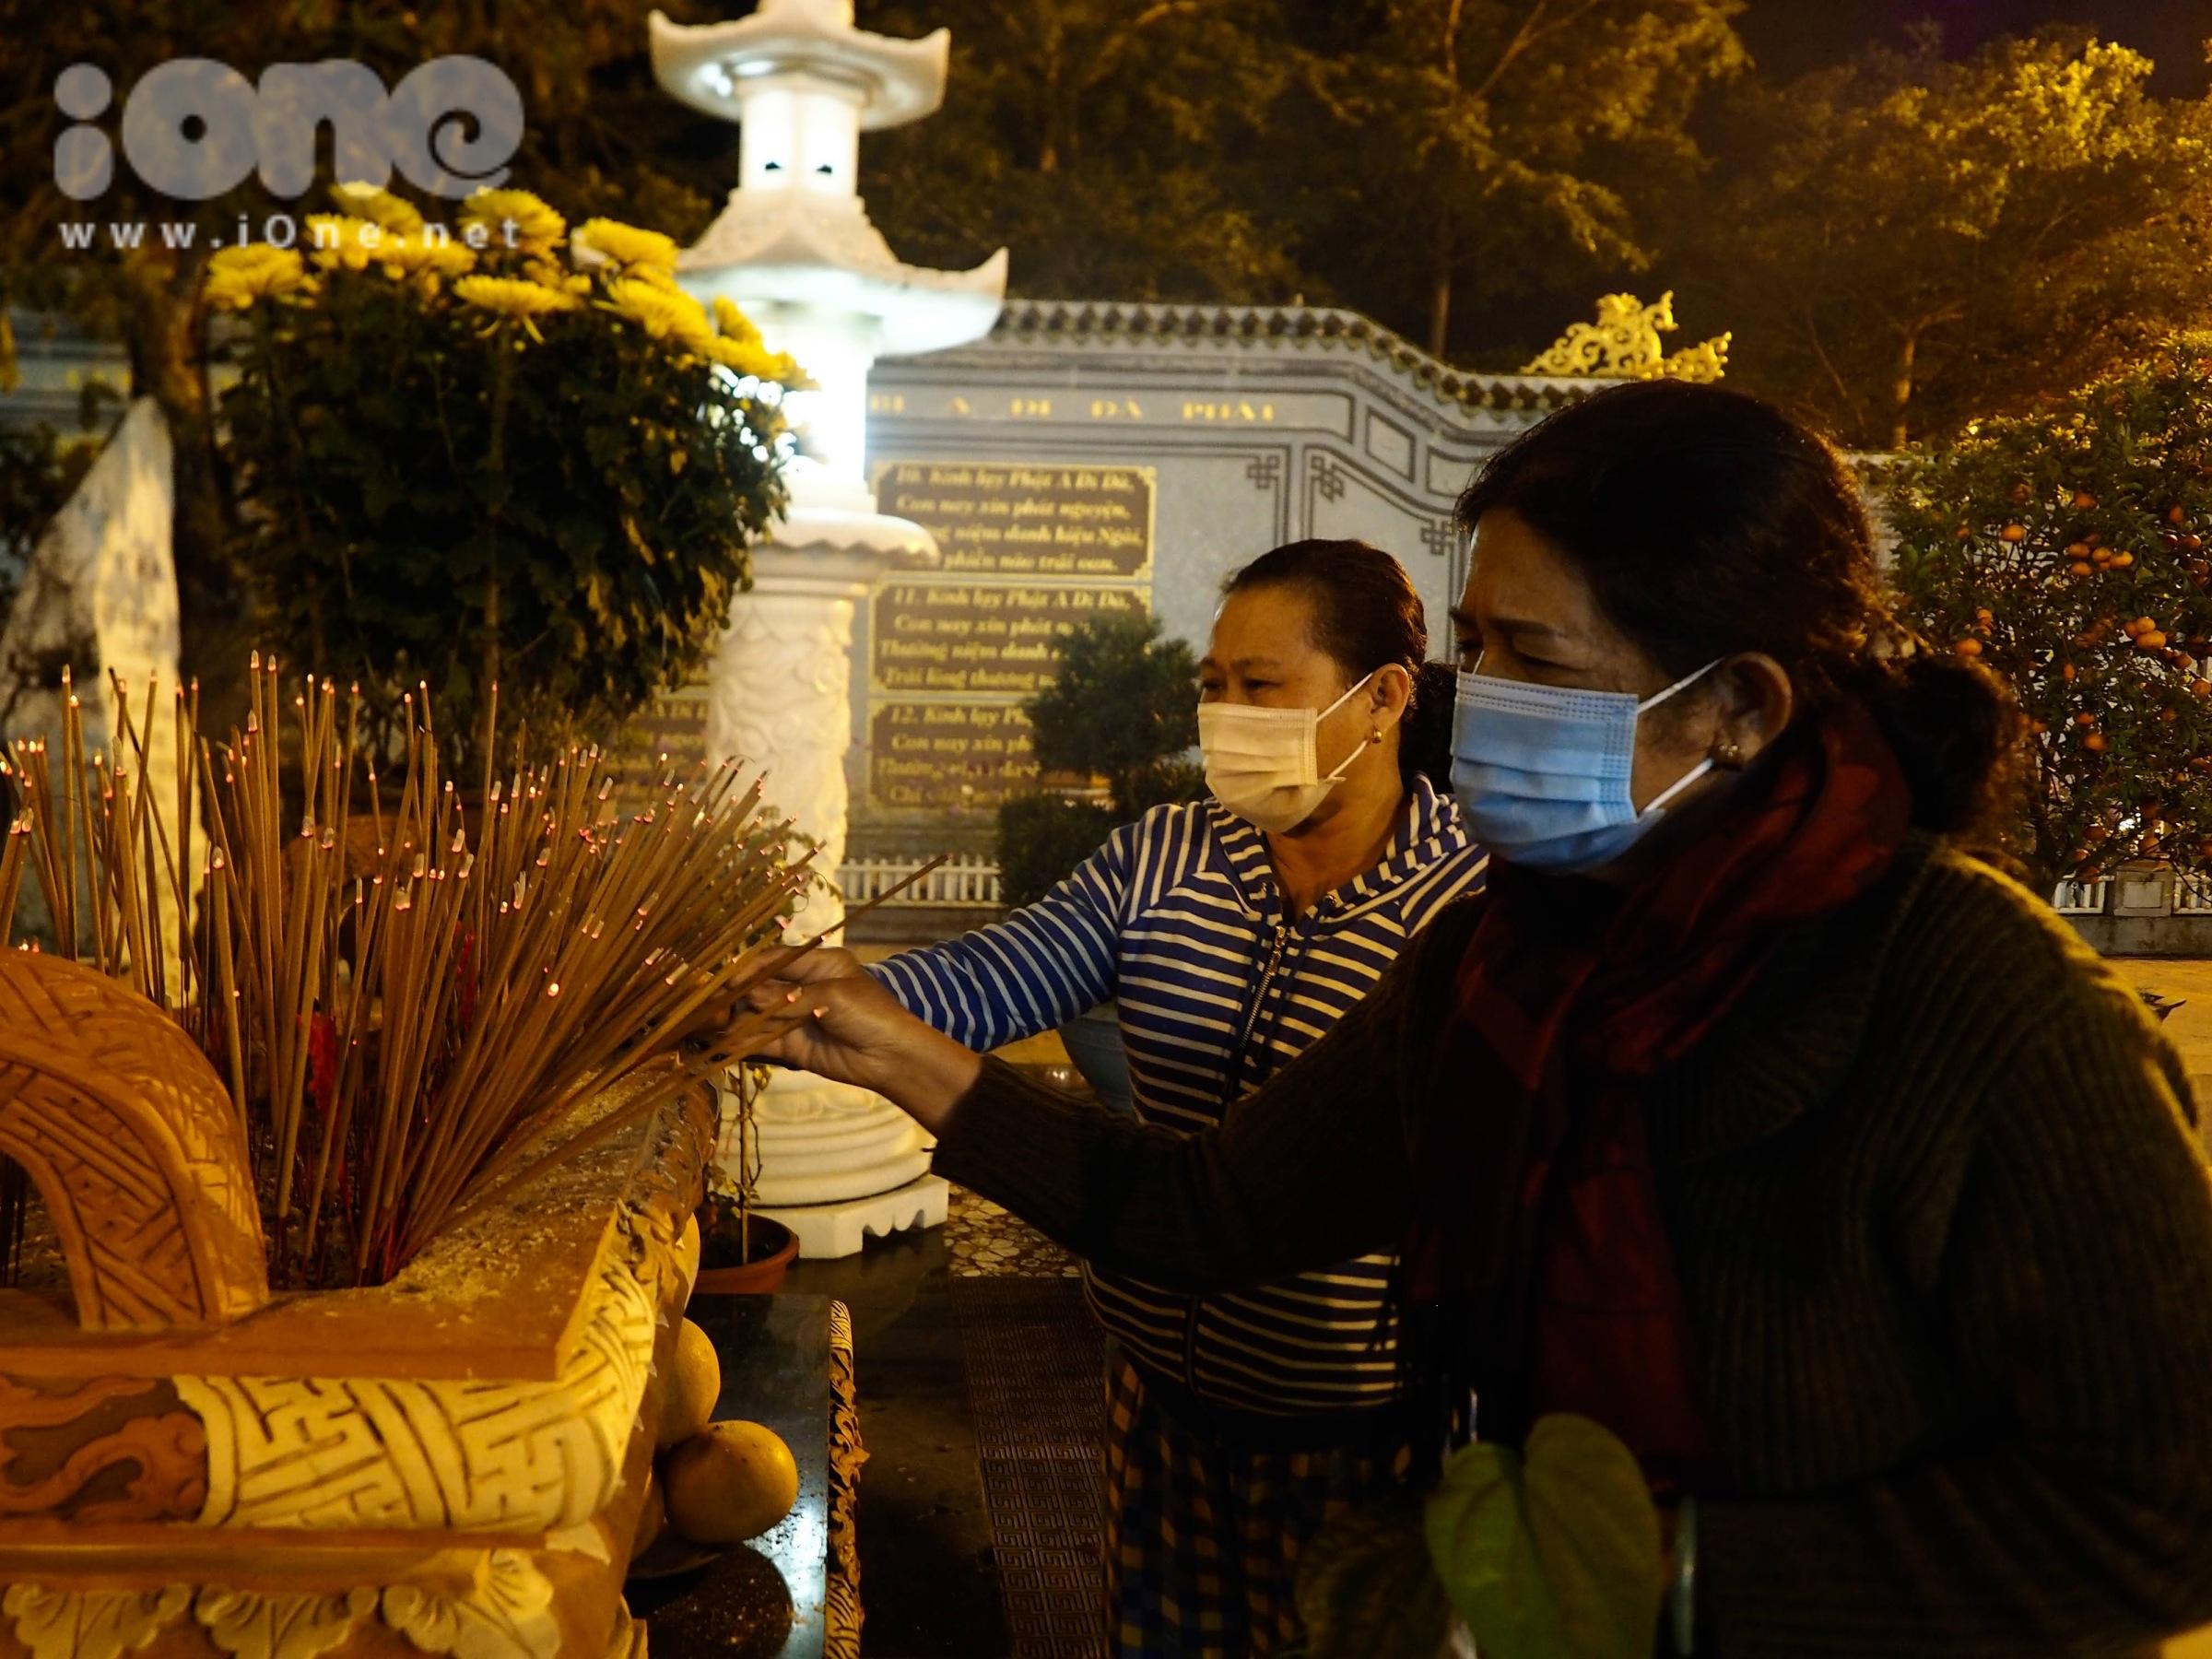 Mọi người dâng hương, xin xăm, thắp nến chủ yếu cầu bình an, sức khỏe, tài lộc cho gia đình.